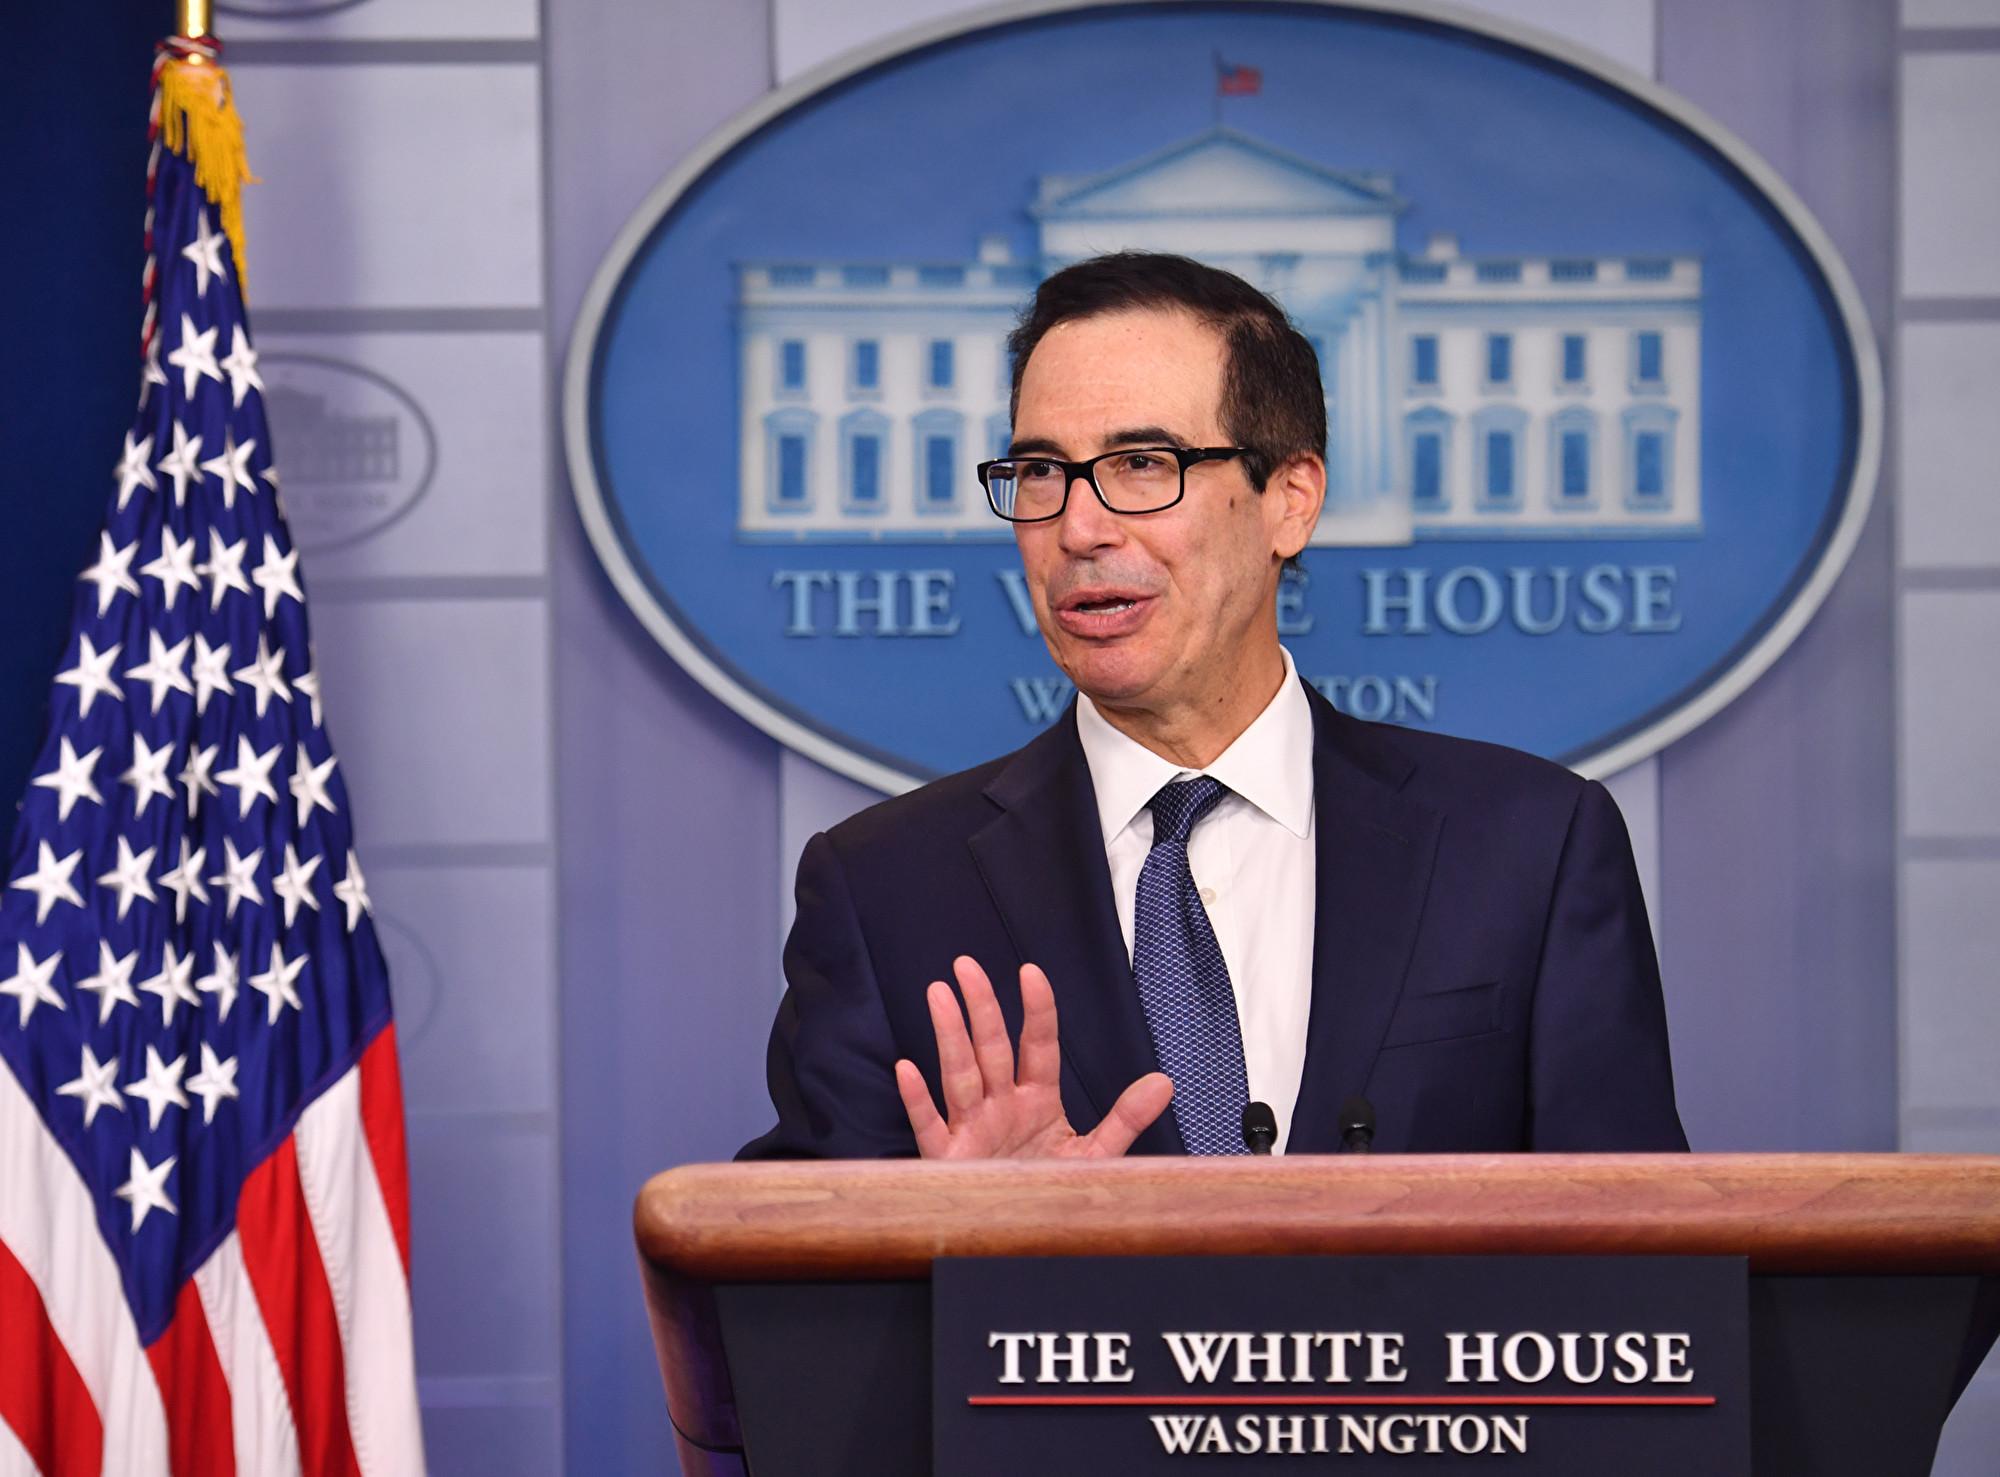 美國財政部長史蒂芬‧姆欽(Steven Mnuchin)10月16日表示,中美貿易談判代表正在努力確定第一階段貿易協議的文本,協議包括知識產權保護章節。(Nicholas Kamm/AFP)